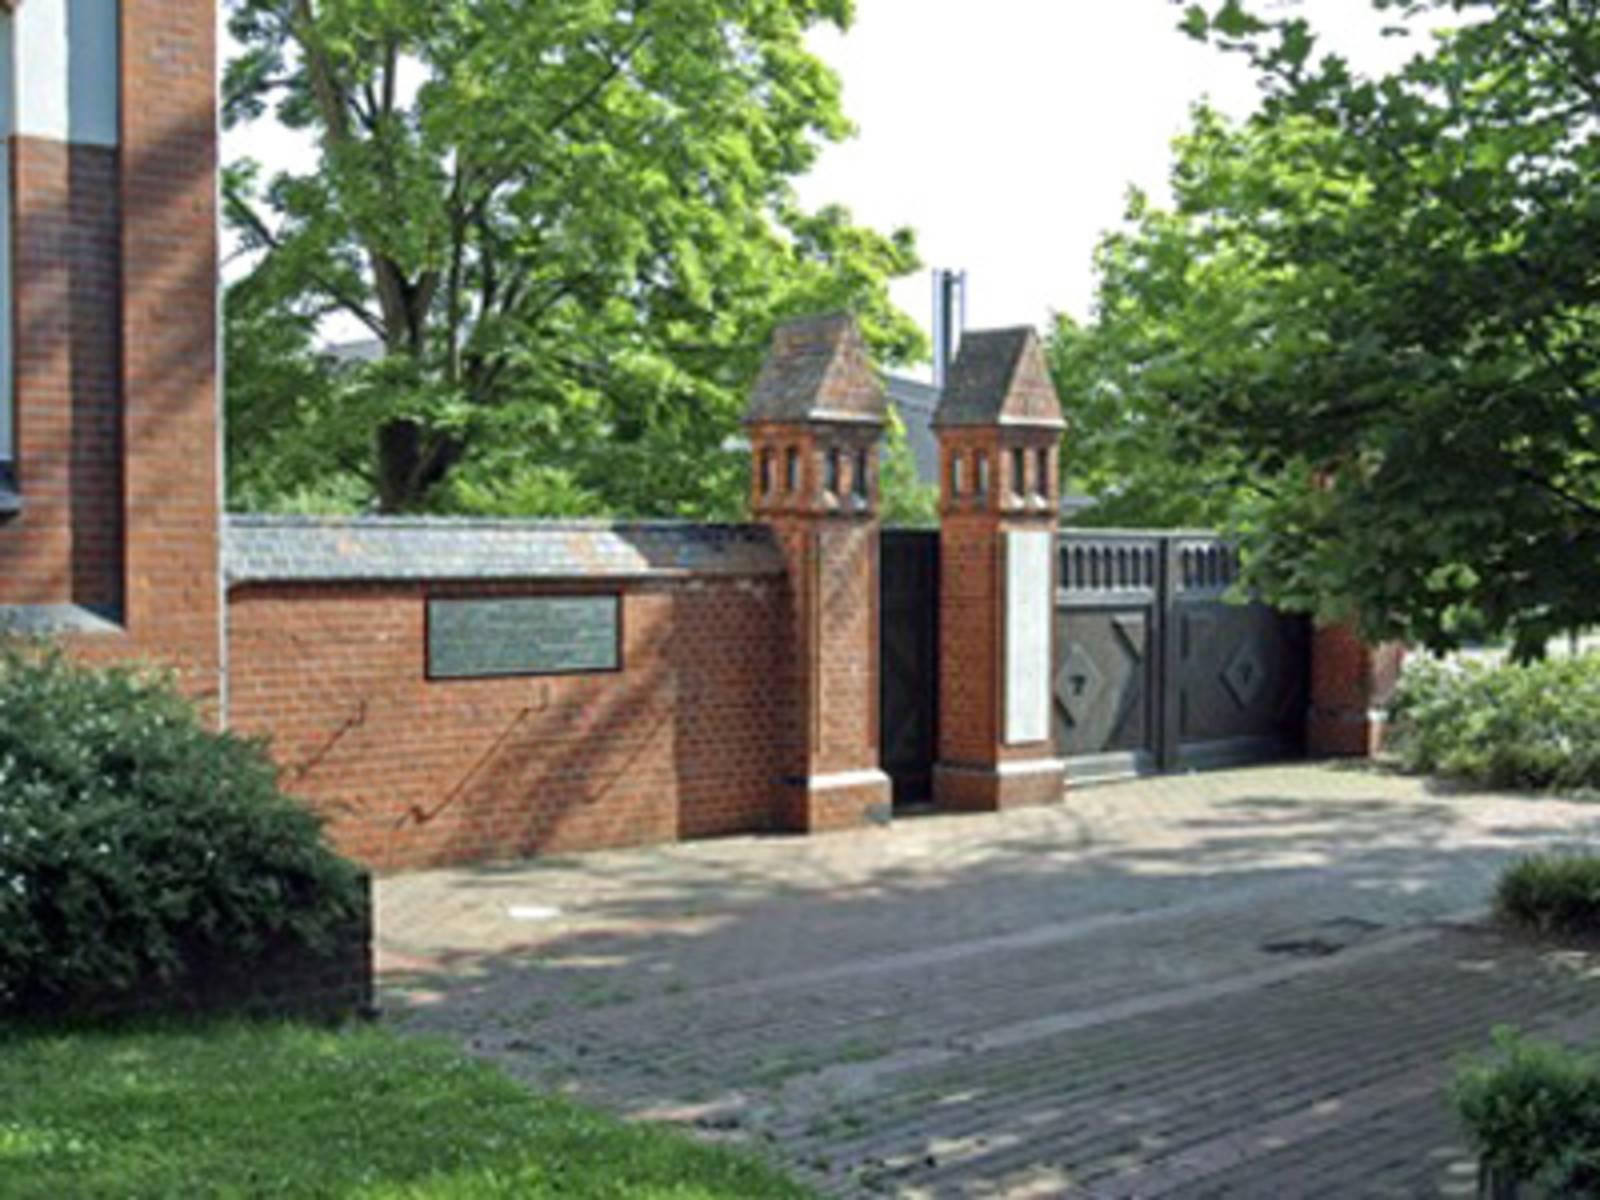 Altes Eingangstor der Israelitischen Gartenbauschule Ahlem